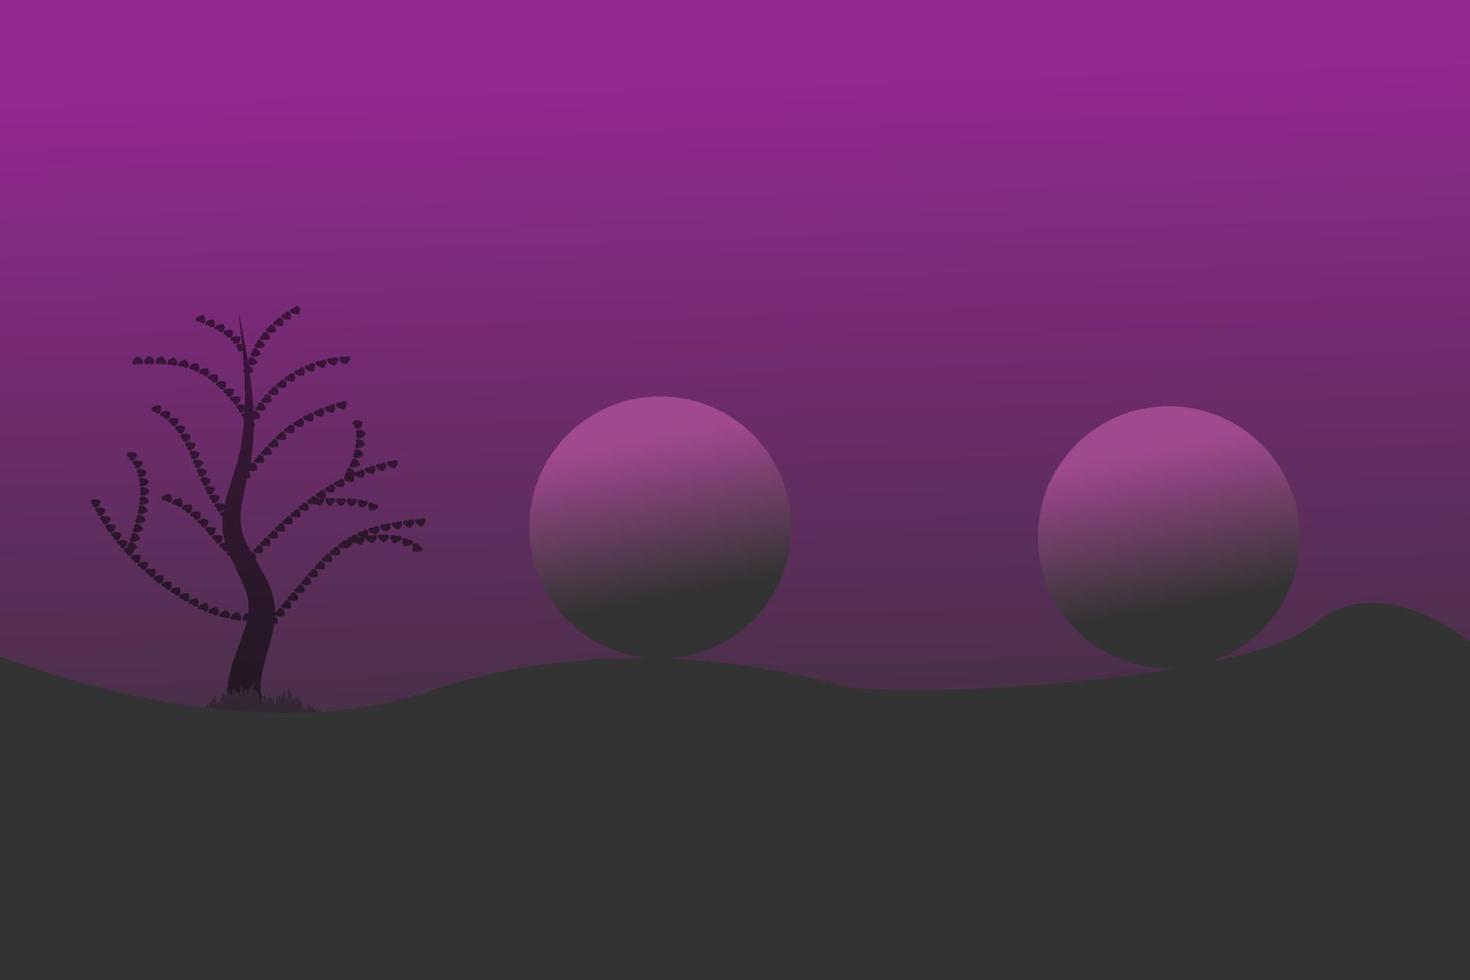 visão noturna fundo roxo desenho de vetor abstrato